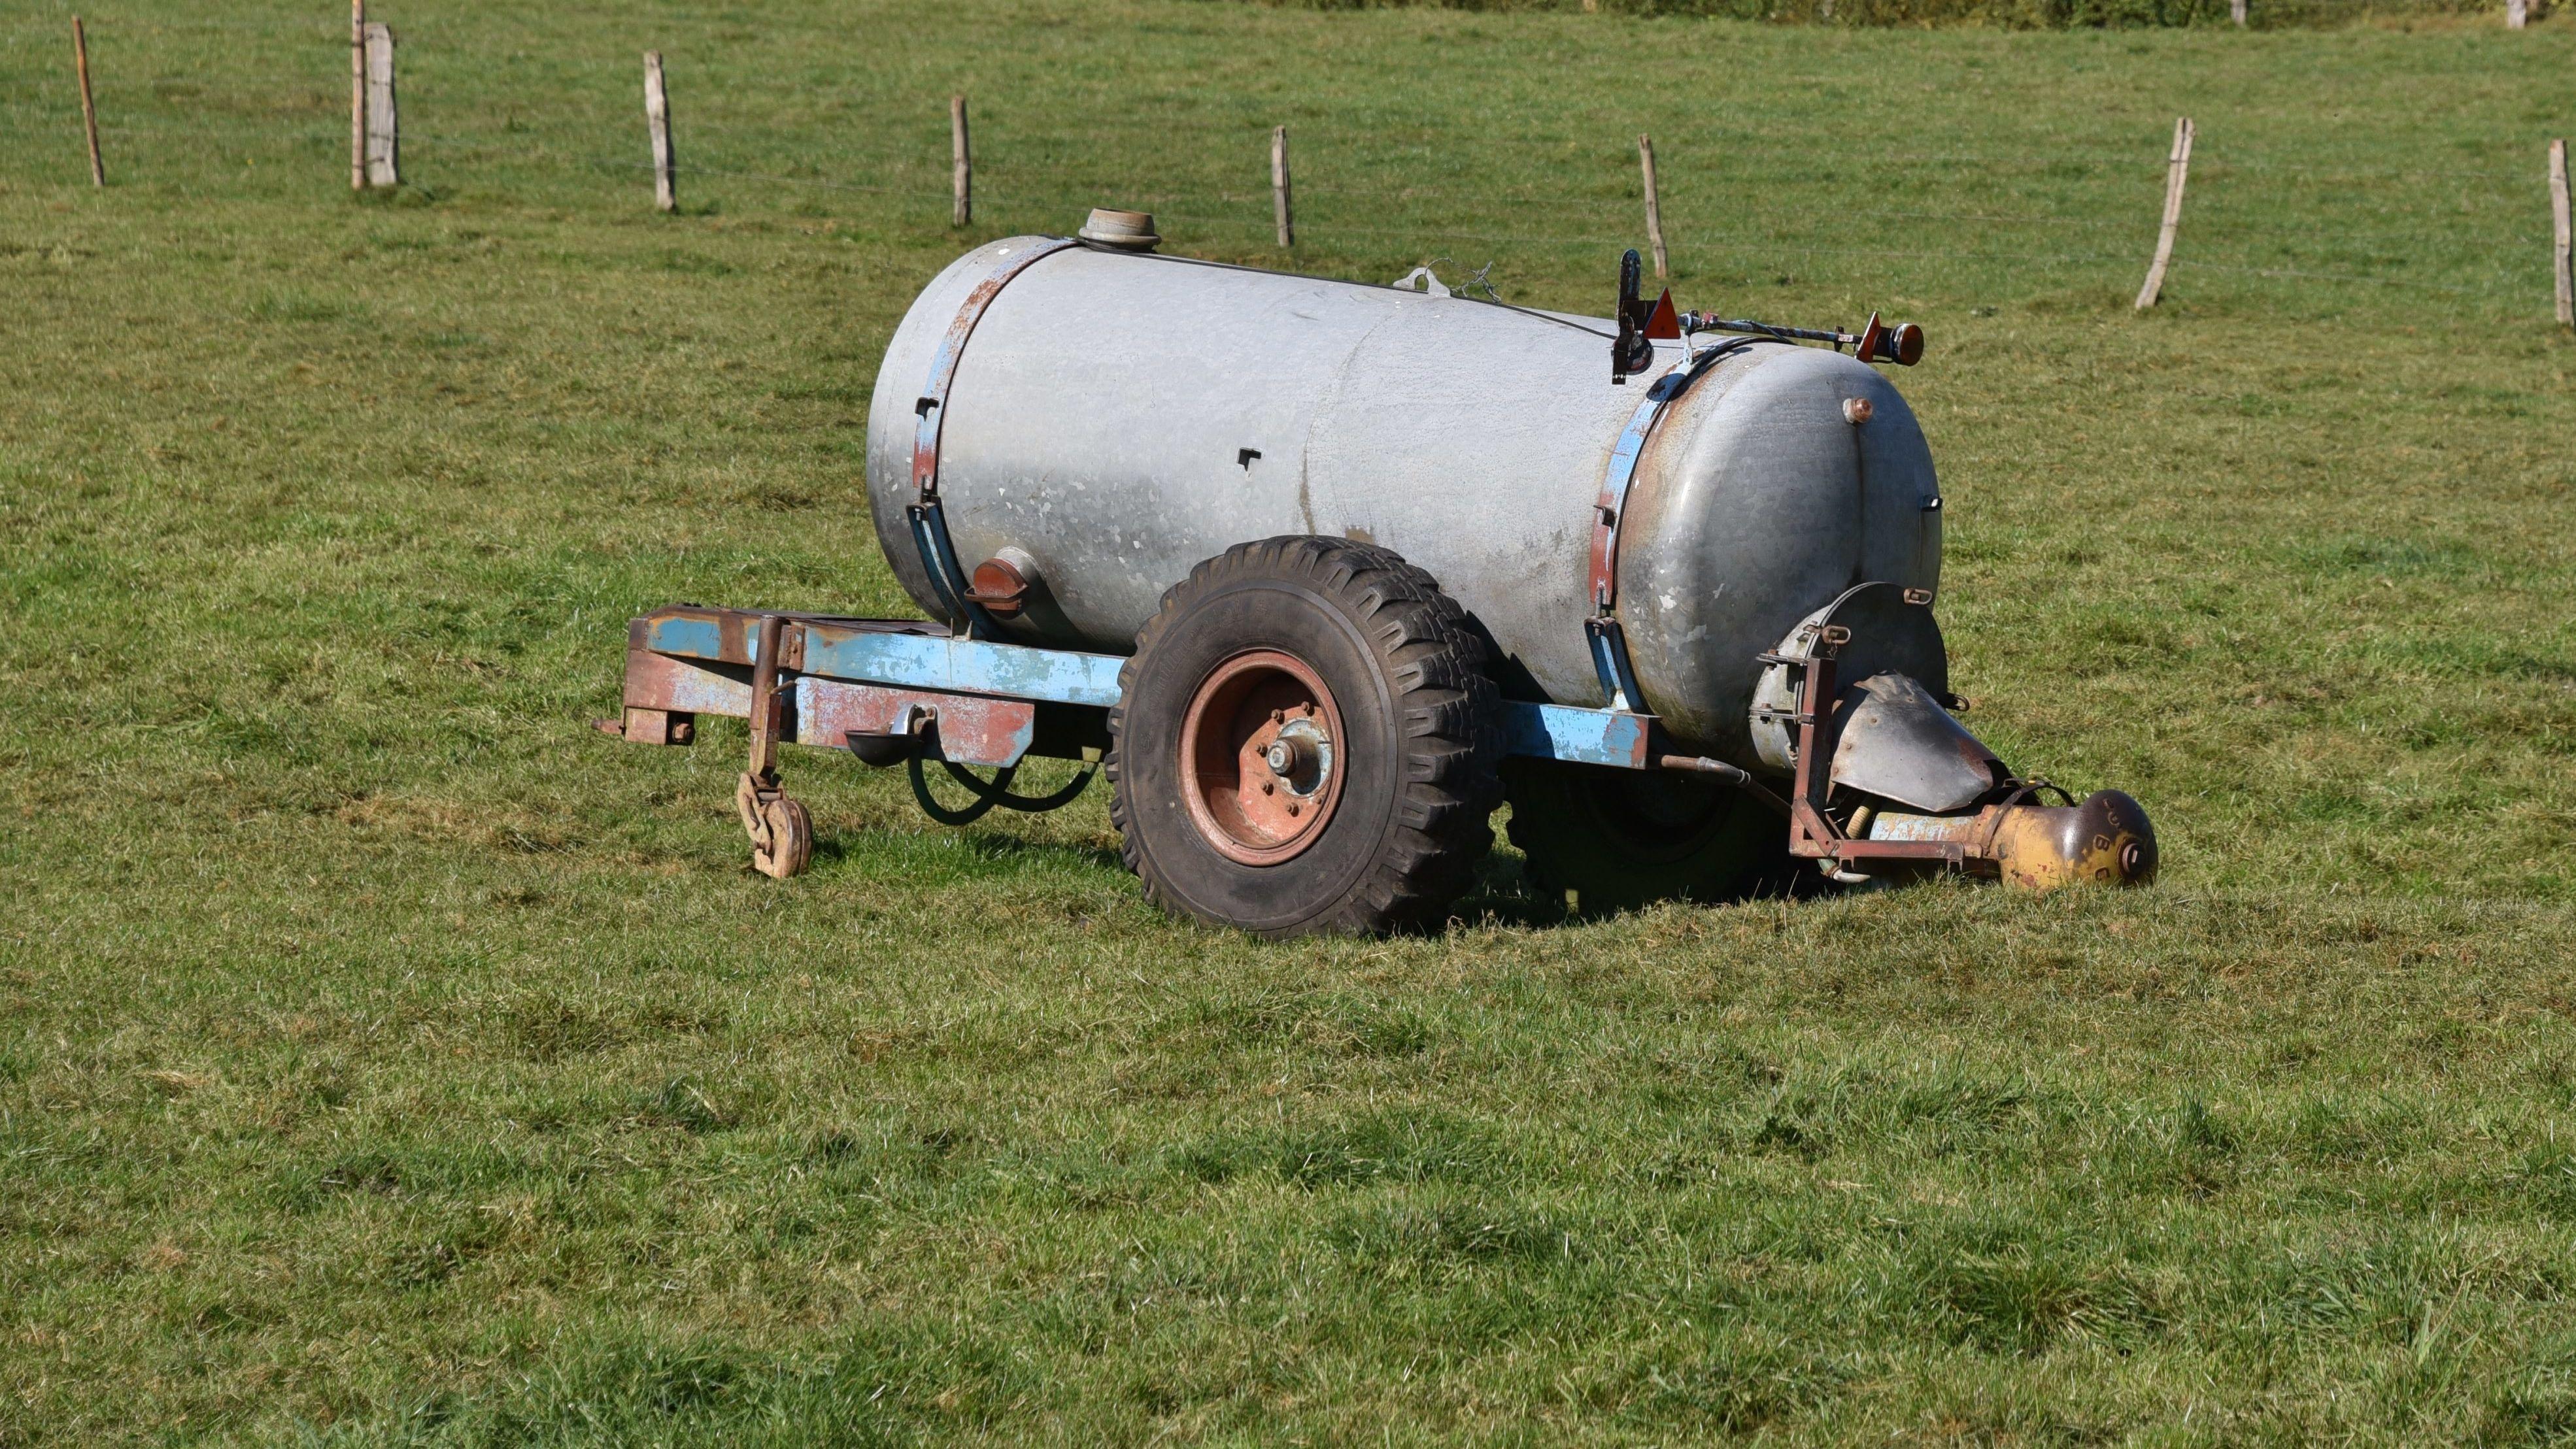 Wegen der Trockenheit haben viele Freiwillige Feuerwehren in Ostbayern die Landwirte gebeten, leere Güllefässer mit Wasser aufzufüllen.